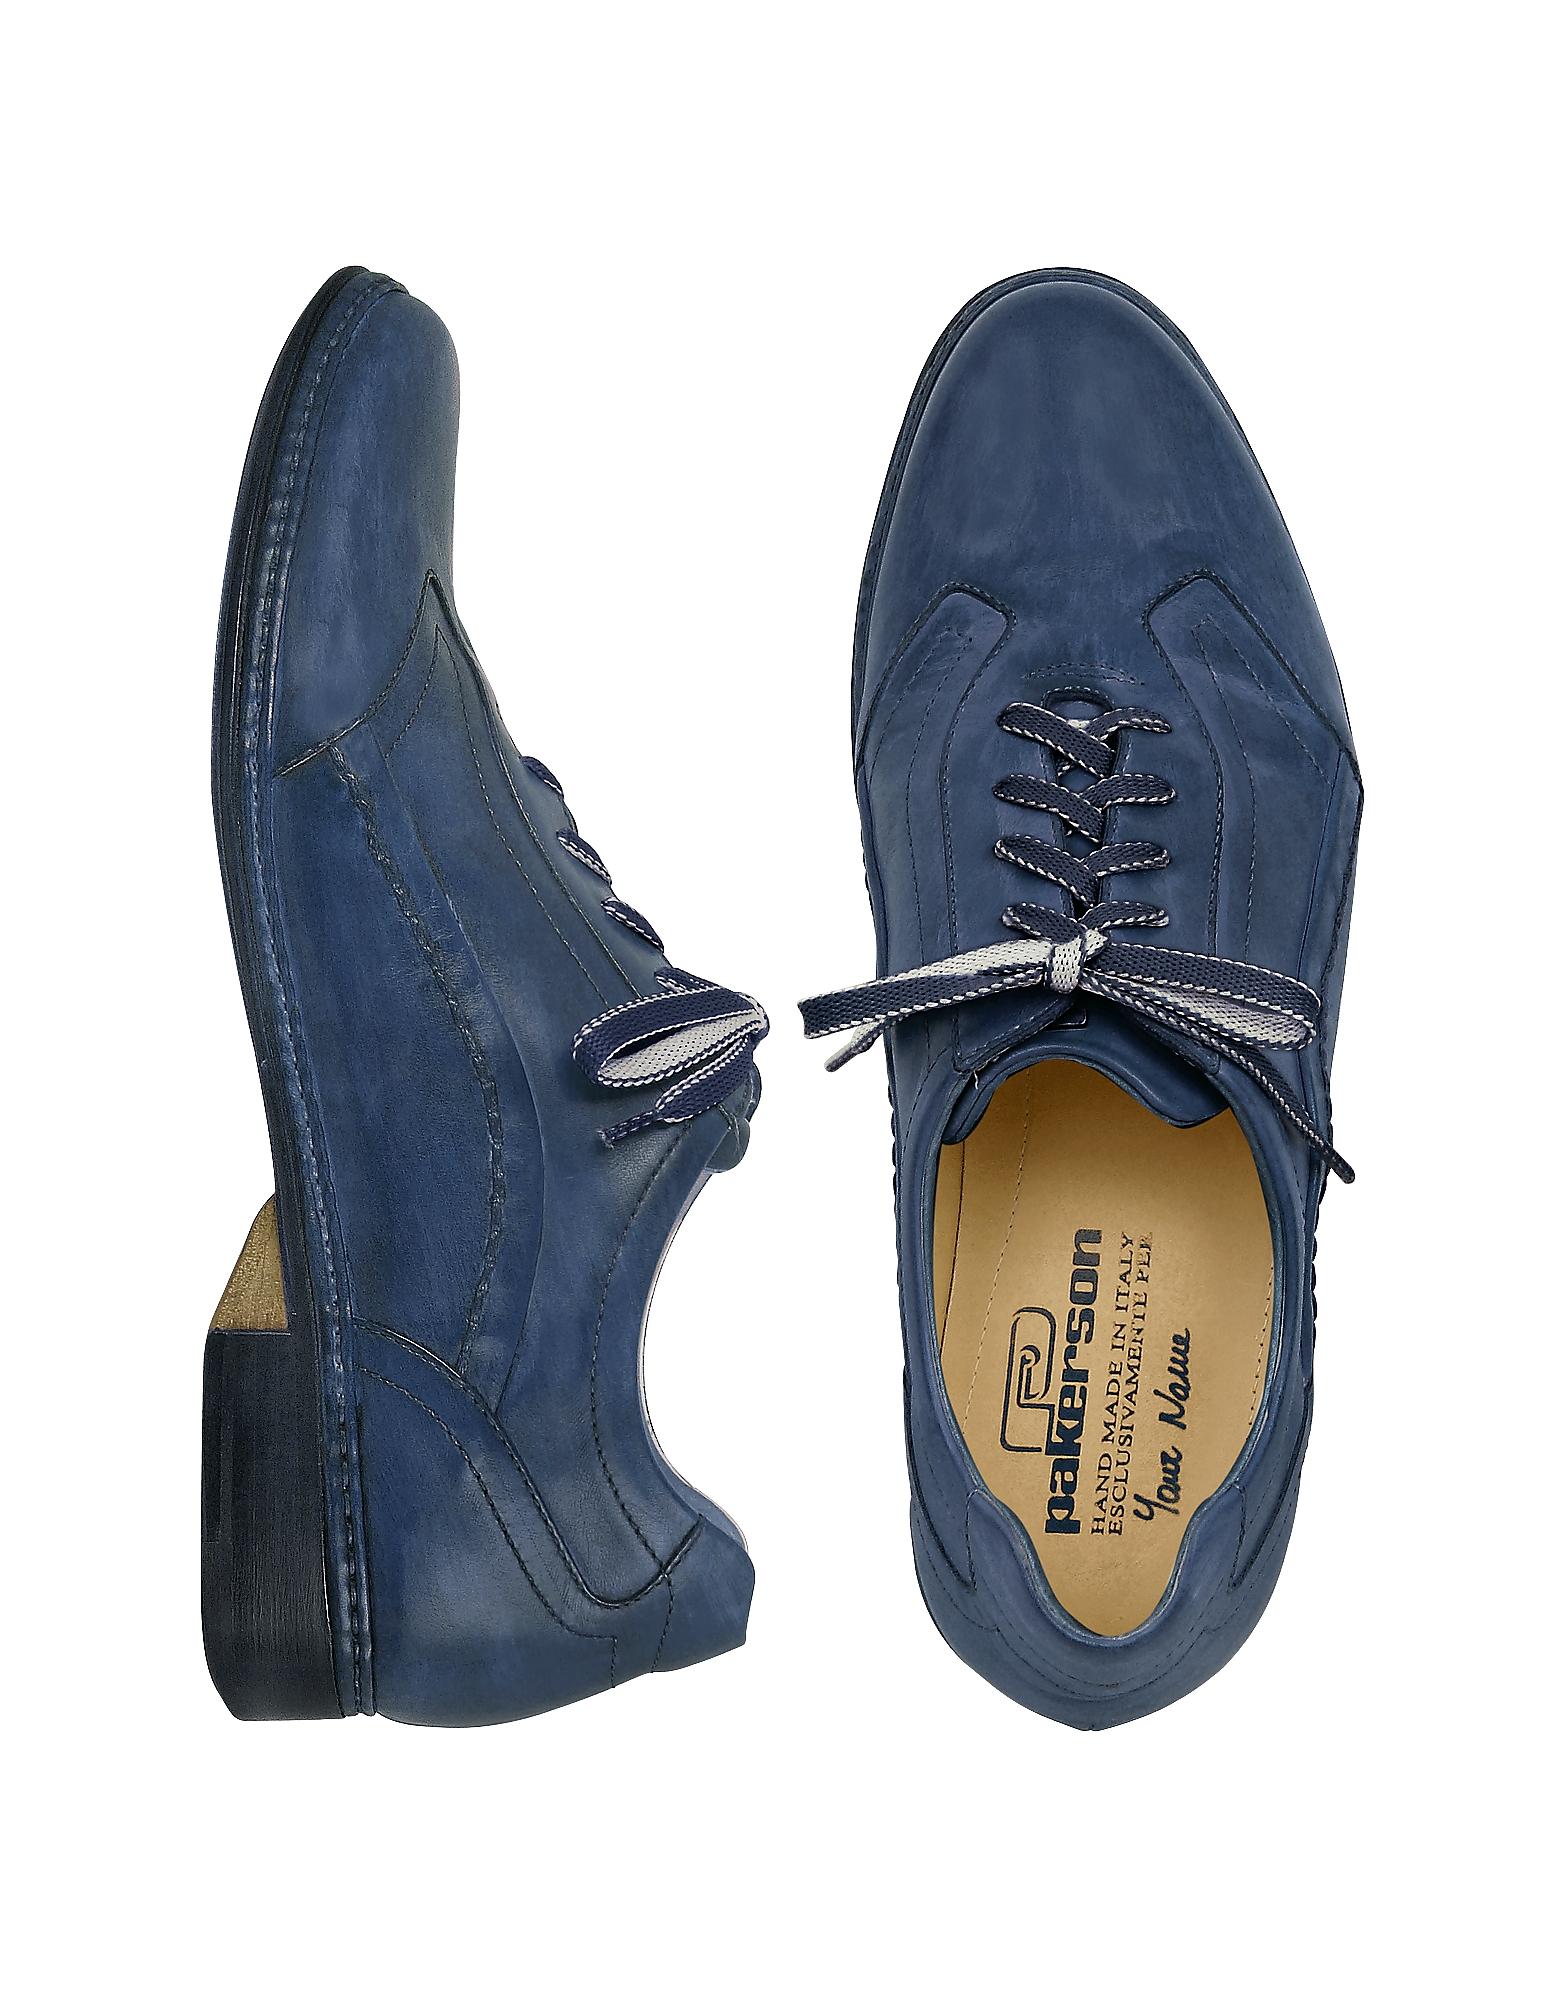 Итальянские Синие Кожаные Туфли на Шнуровке, Изготовленные Вручную